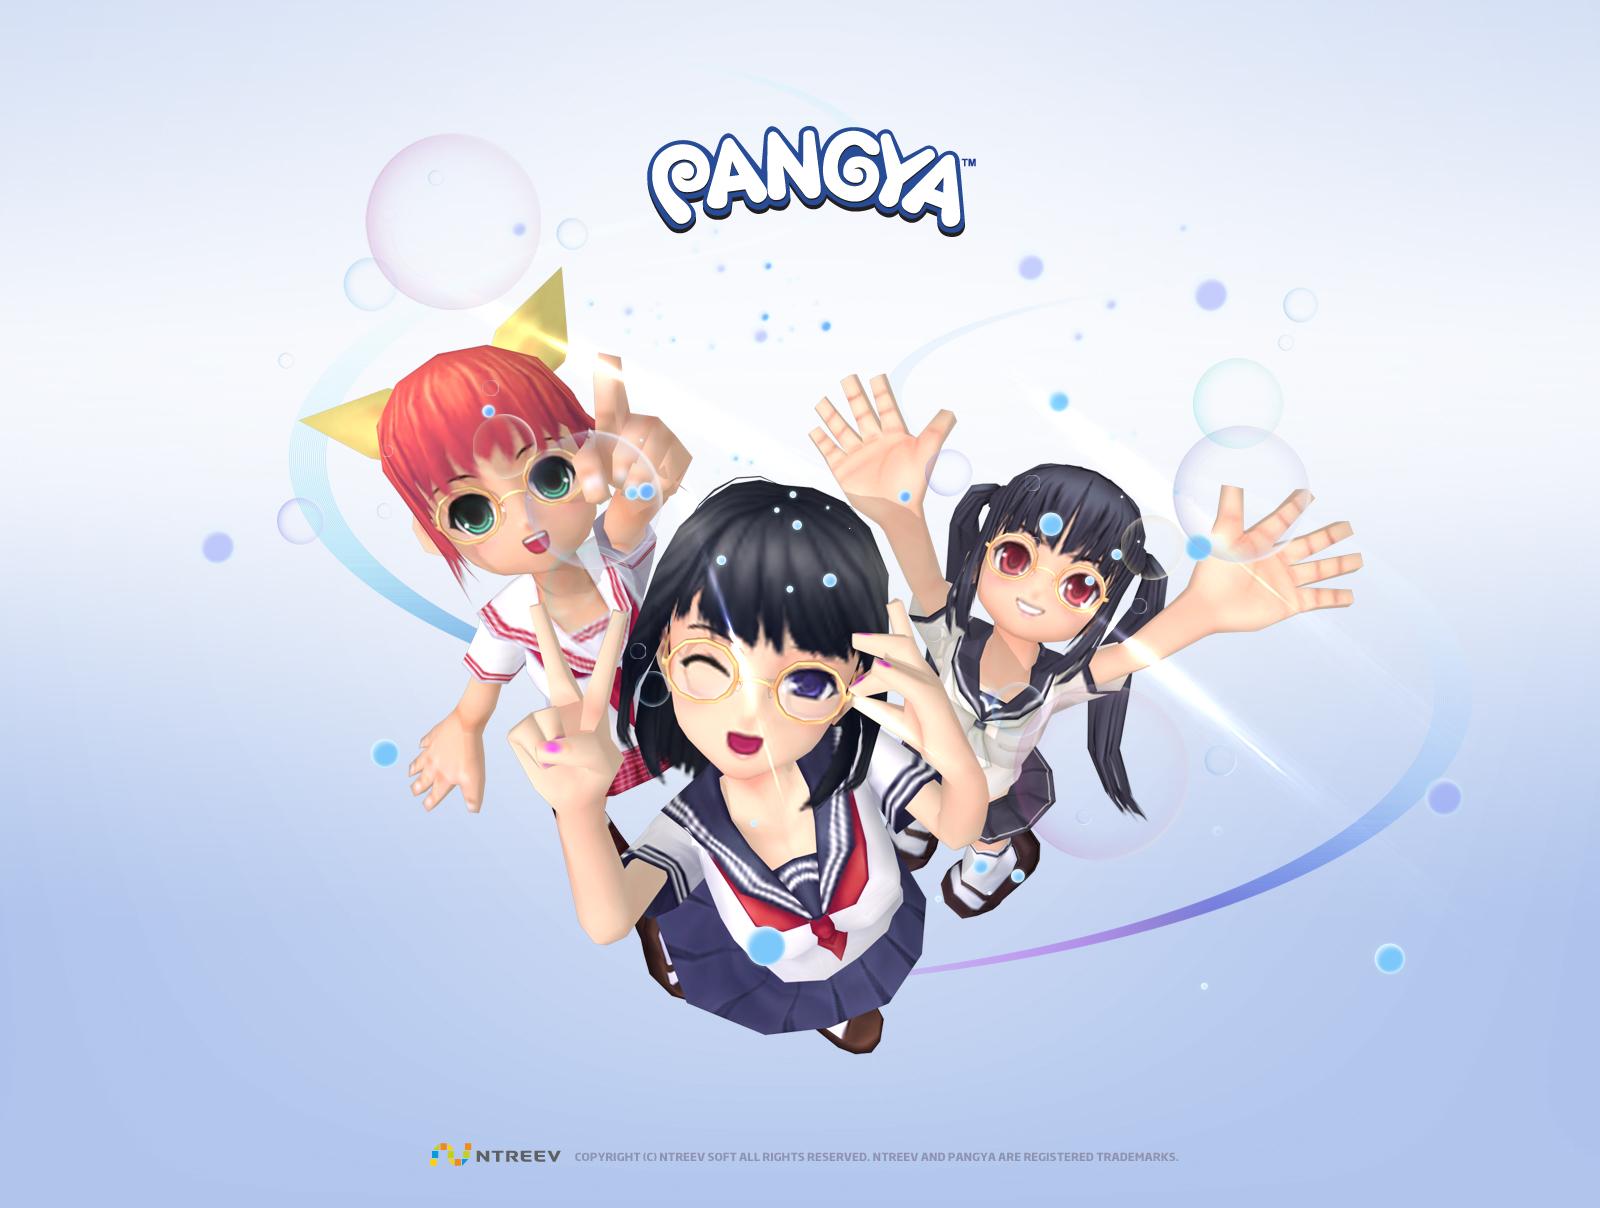 PANGYA BRASIL - Um novo mundo online de diversão e fantasia